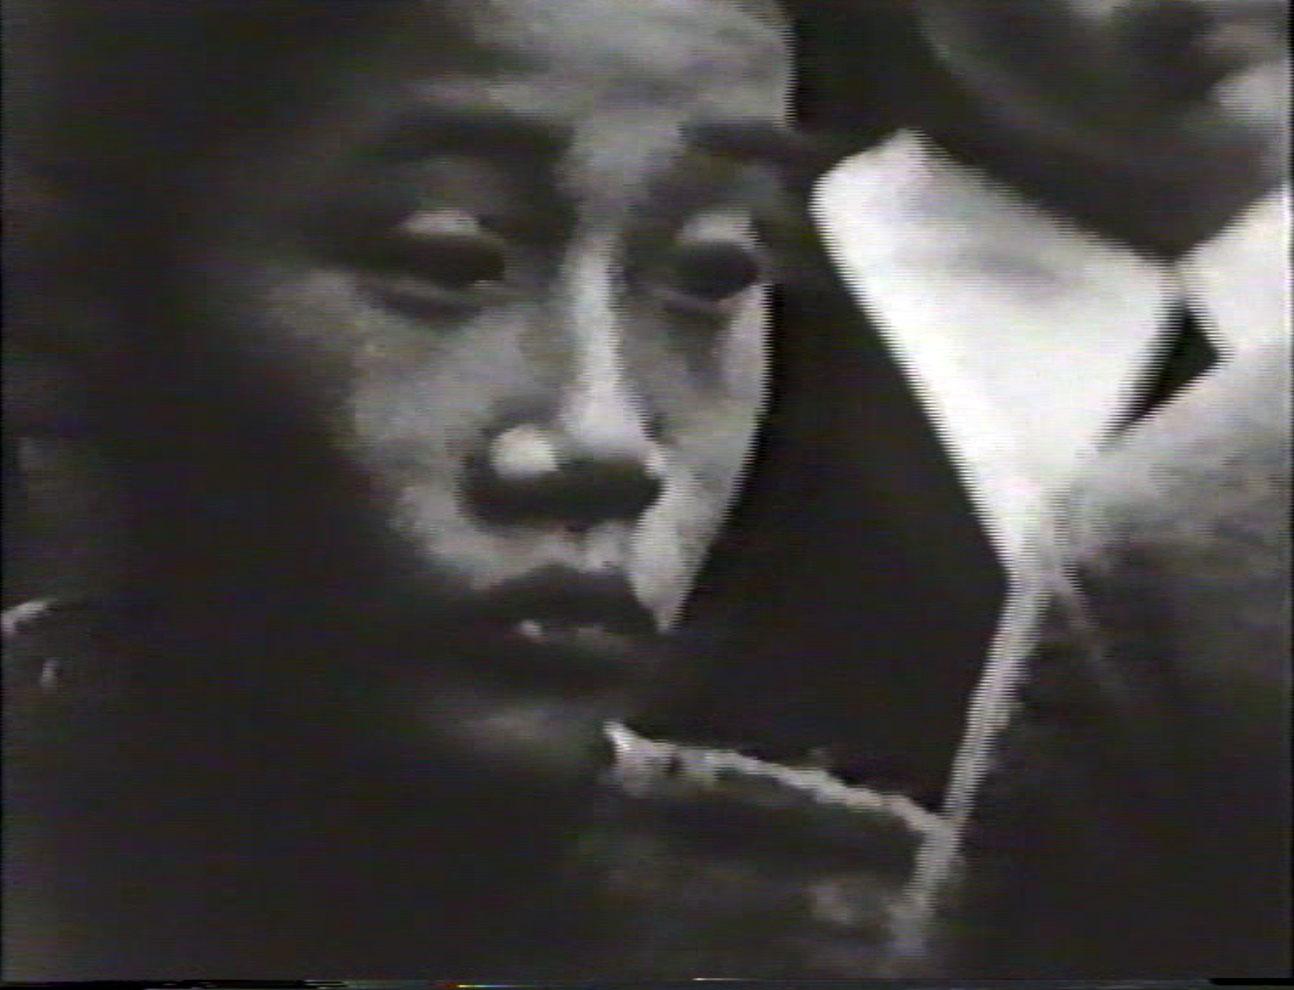 Giosetta Fioroni, fotogramma dal film Goffredo, 1967